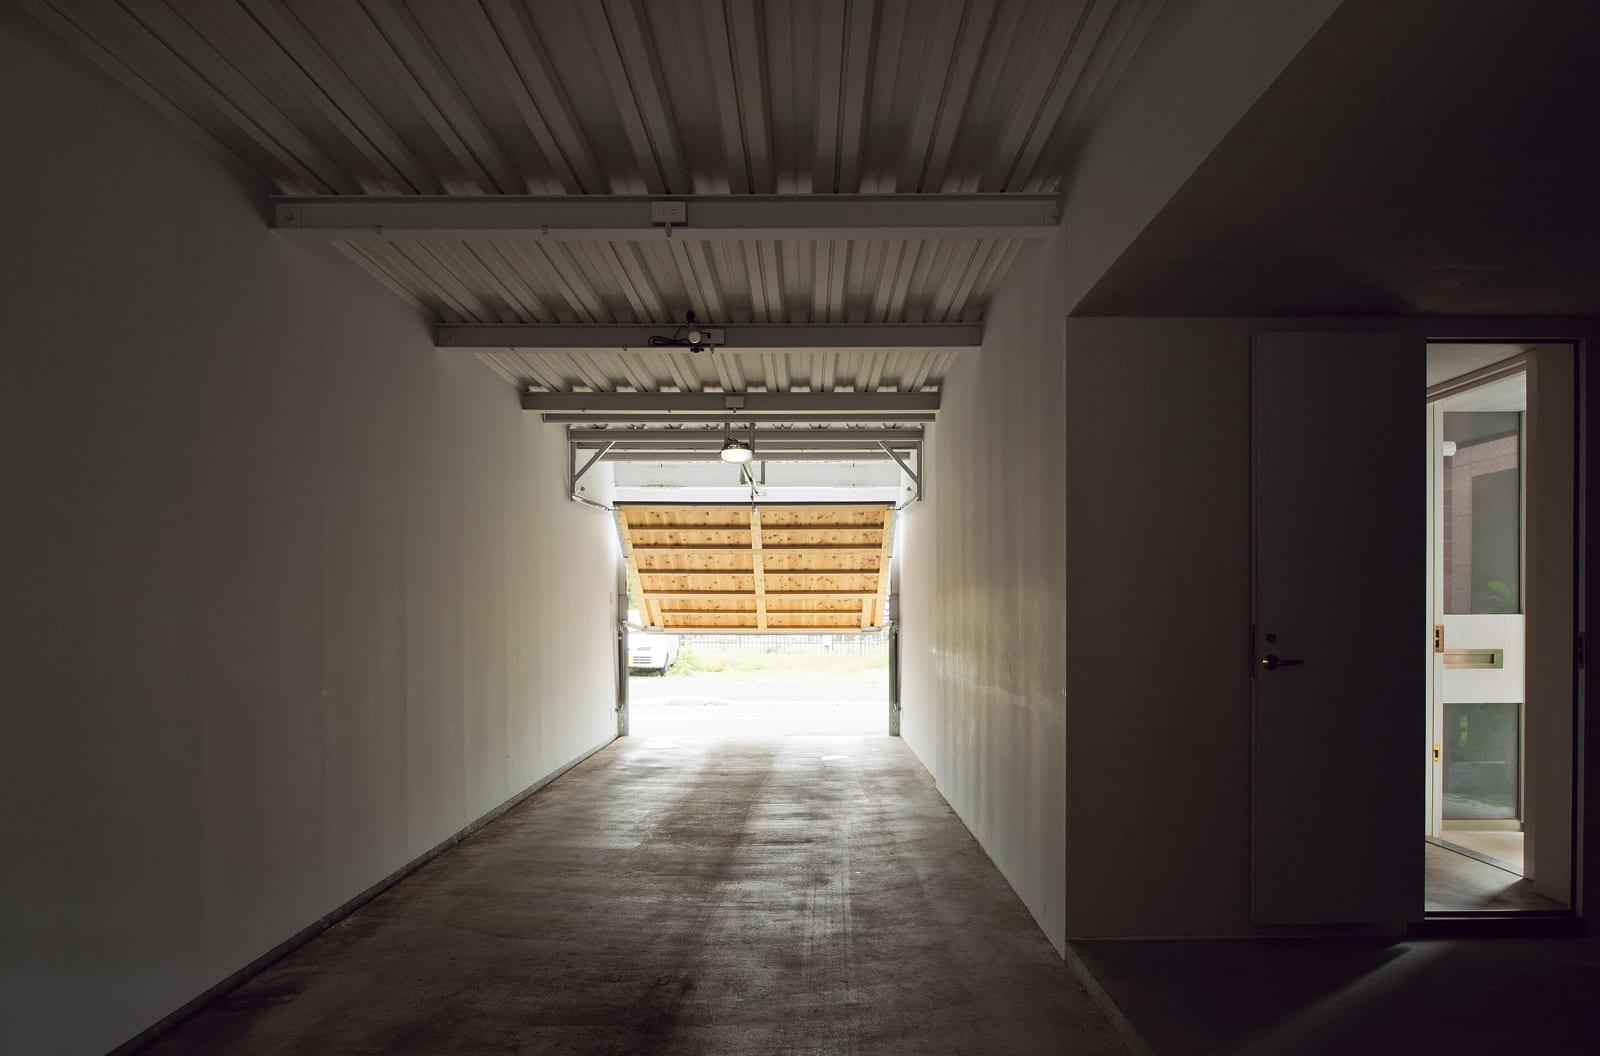 最大で車3台を収納できる全長15mのガレージ。キャンプなどのアウトドア用品の収納・整理のほか、日用品などの保管にも重宝。右手のドアからも玄関にアクセス可能